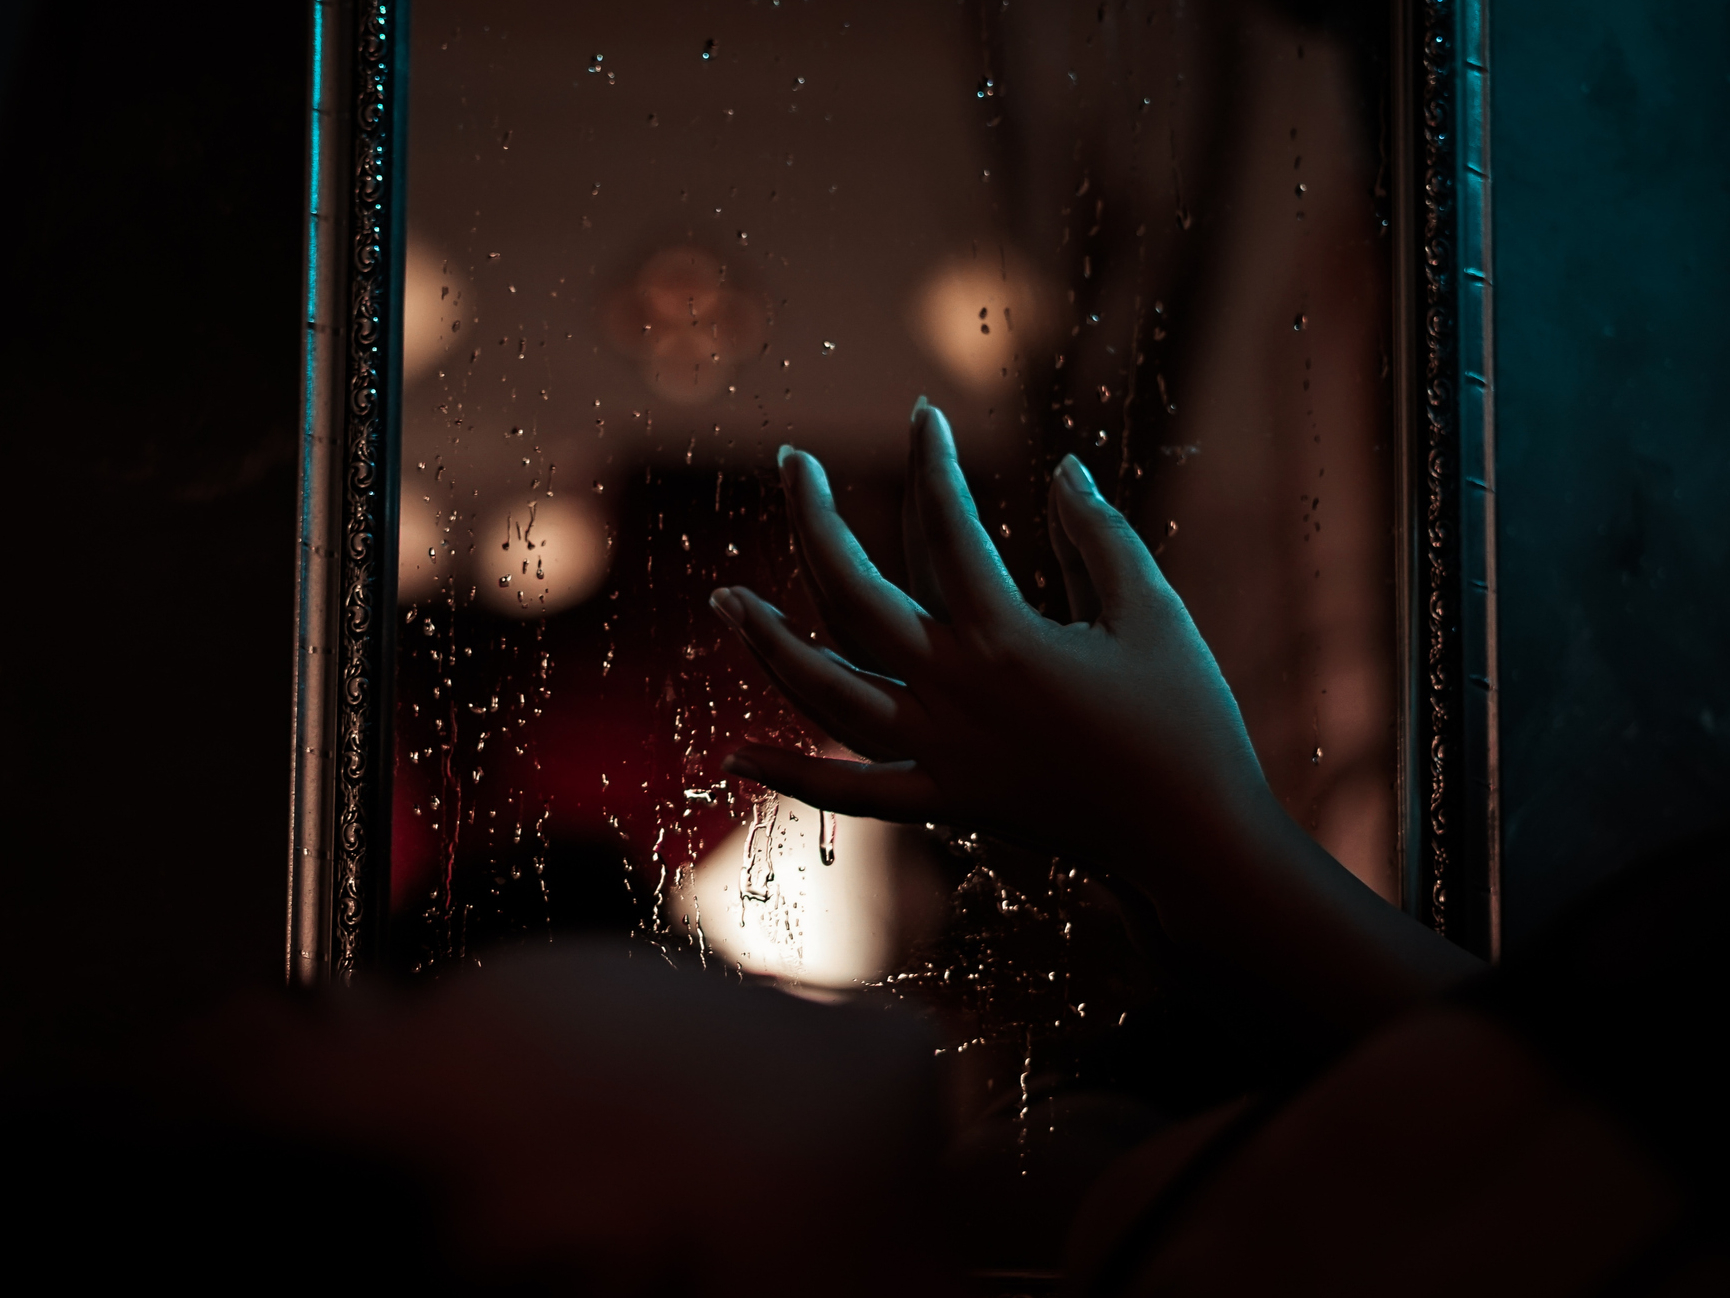 Зеркало, отражающее ваши страхи